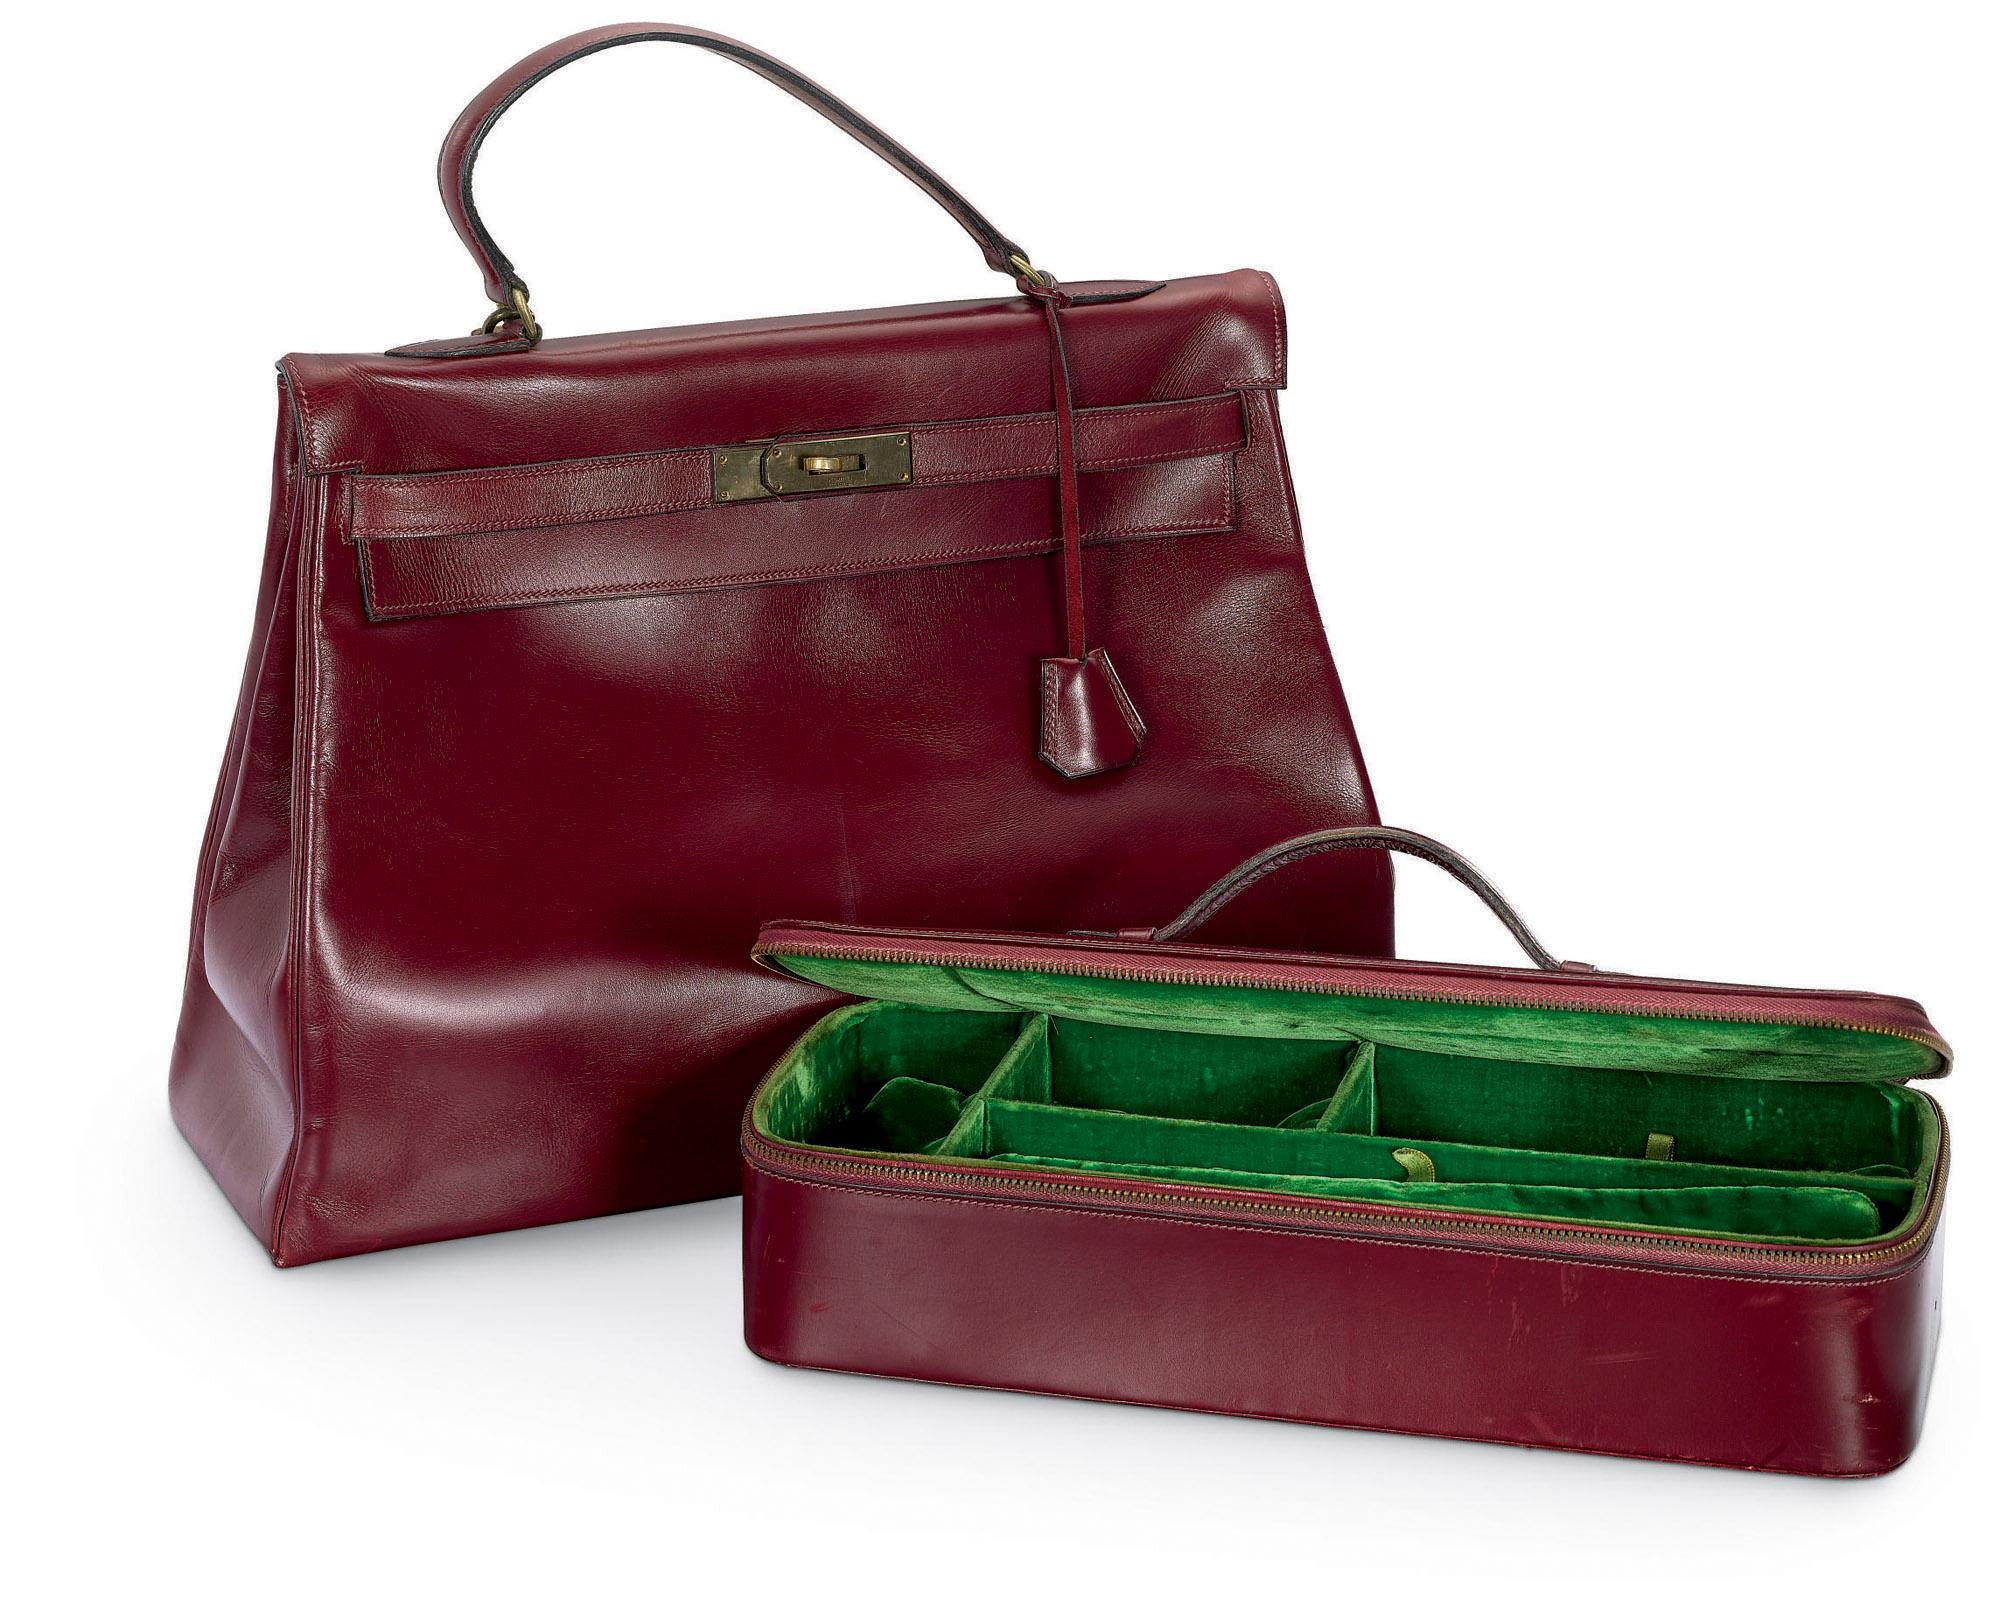 ... usa a kelly bag by hermes christies eafe2 003e5 f8d1538c46b10